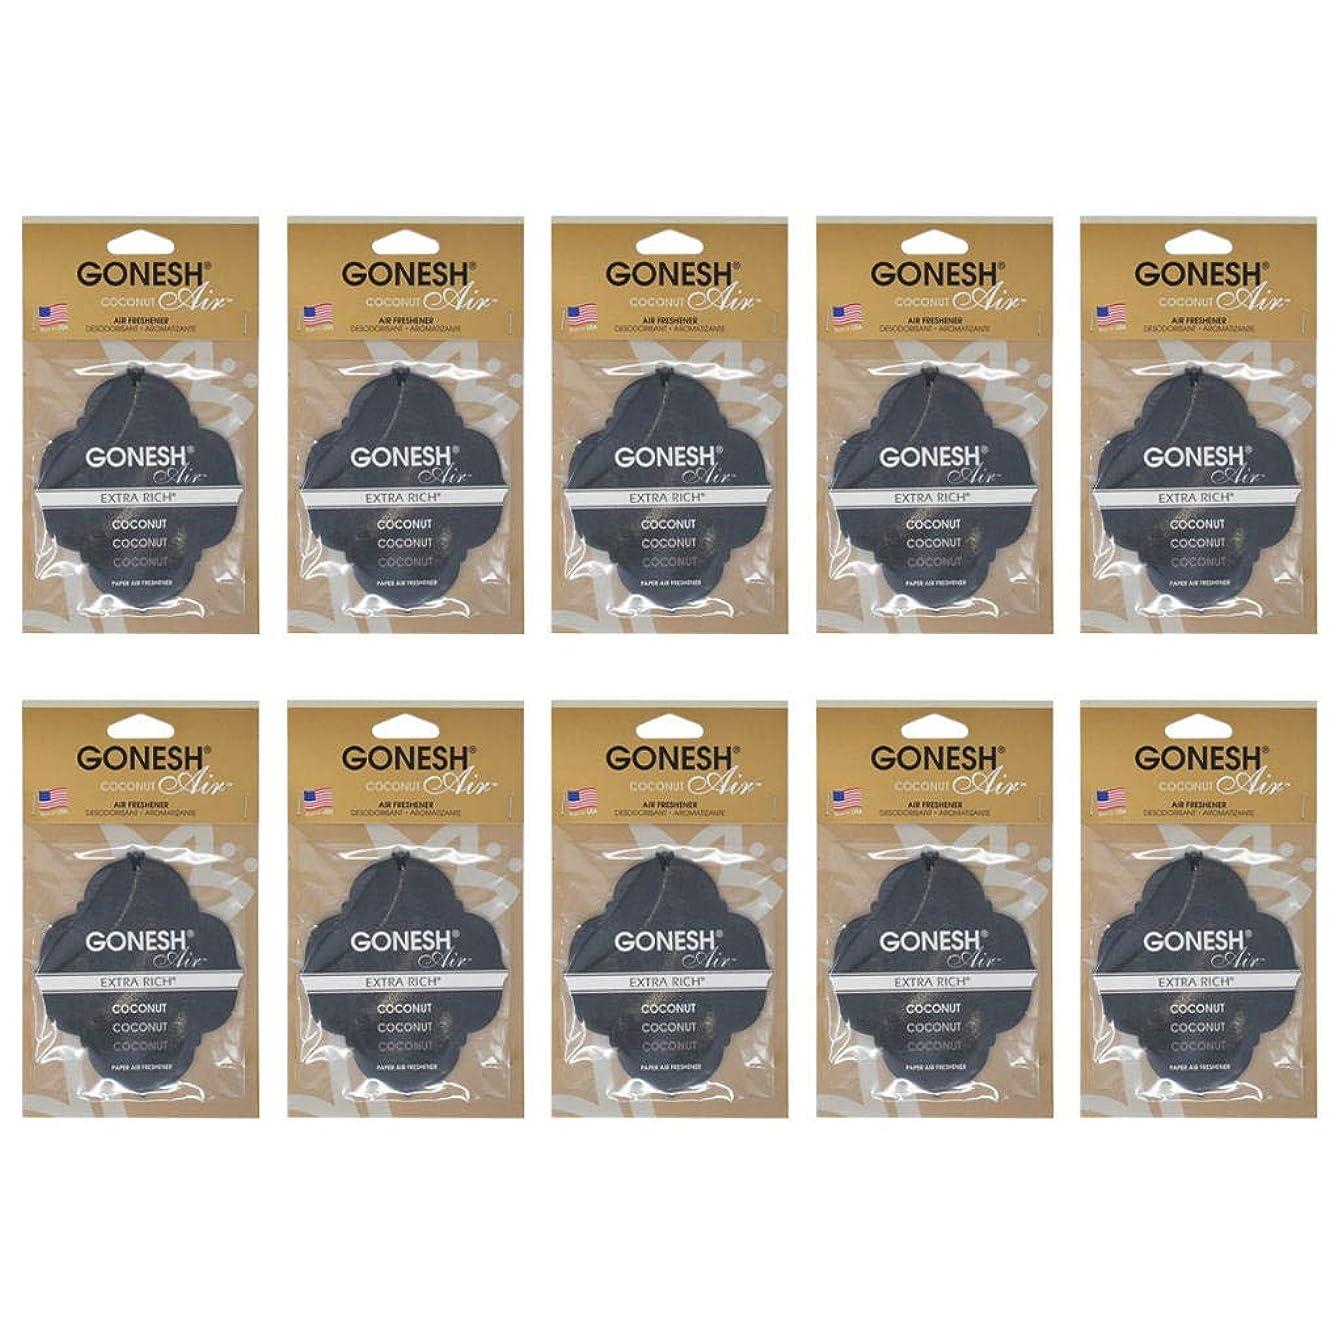 ボイド代替案分解するGONESH ペーパーエアフレッシュナー ココナッツ 10個セット